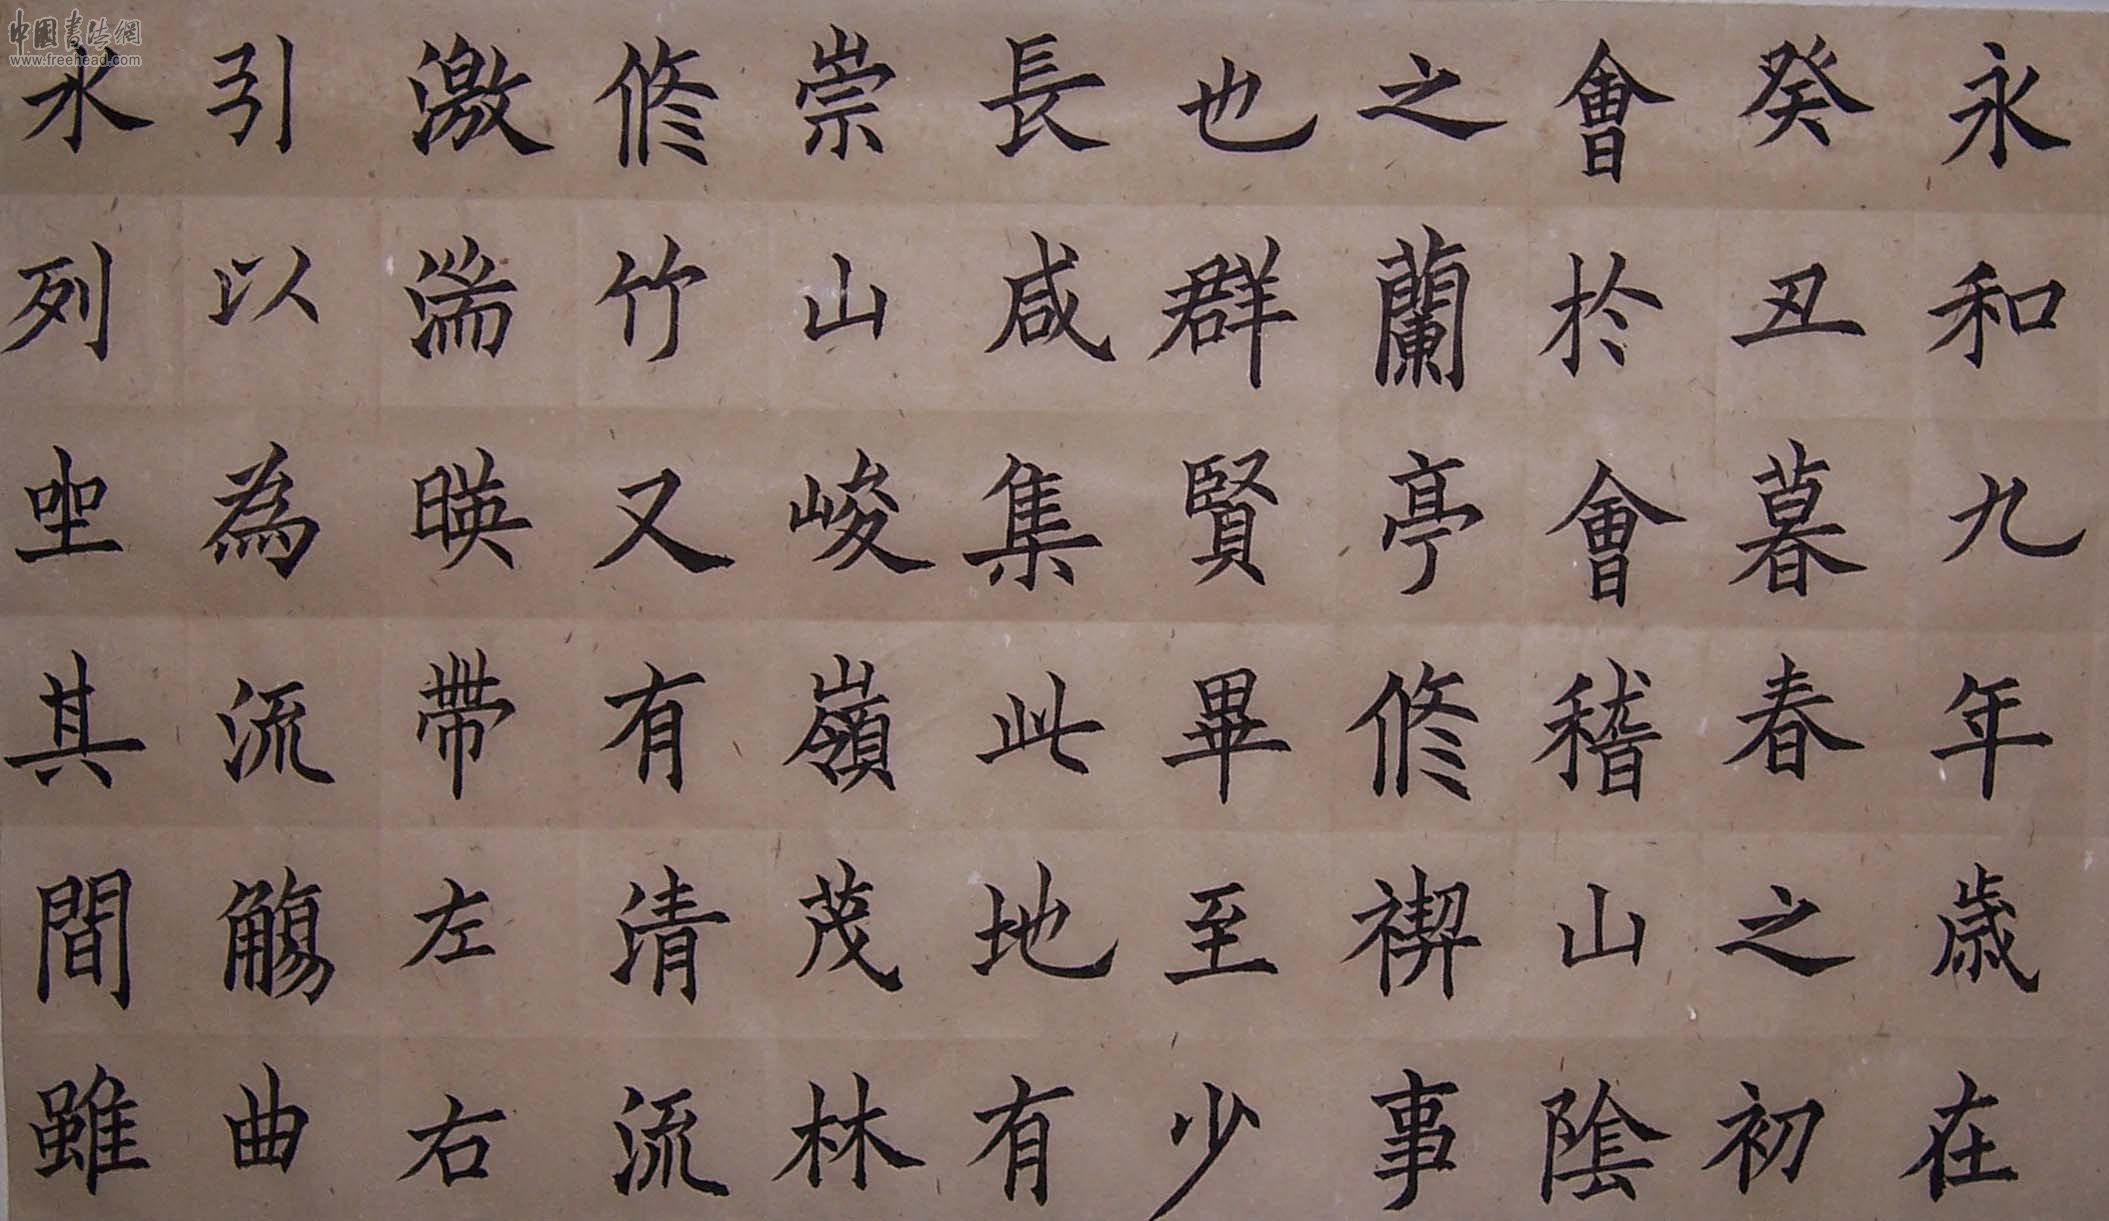 四字或者八字的书法作品,一般写什么好?欧体的图片